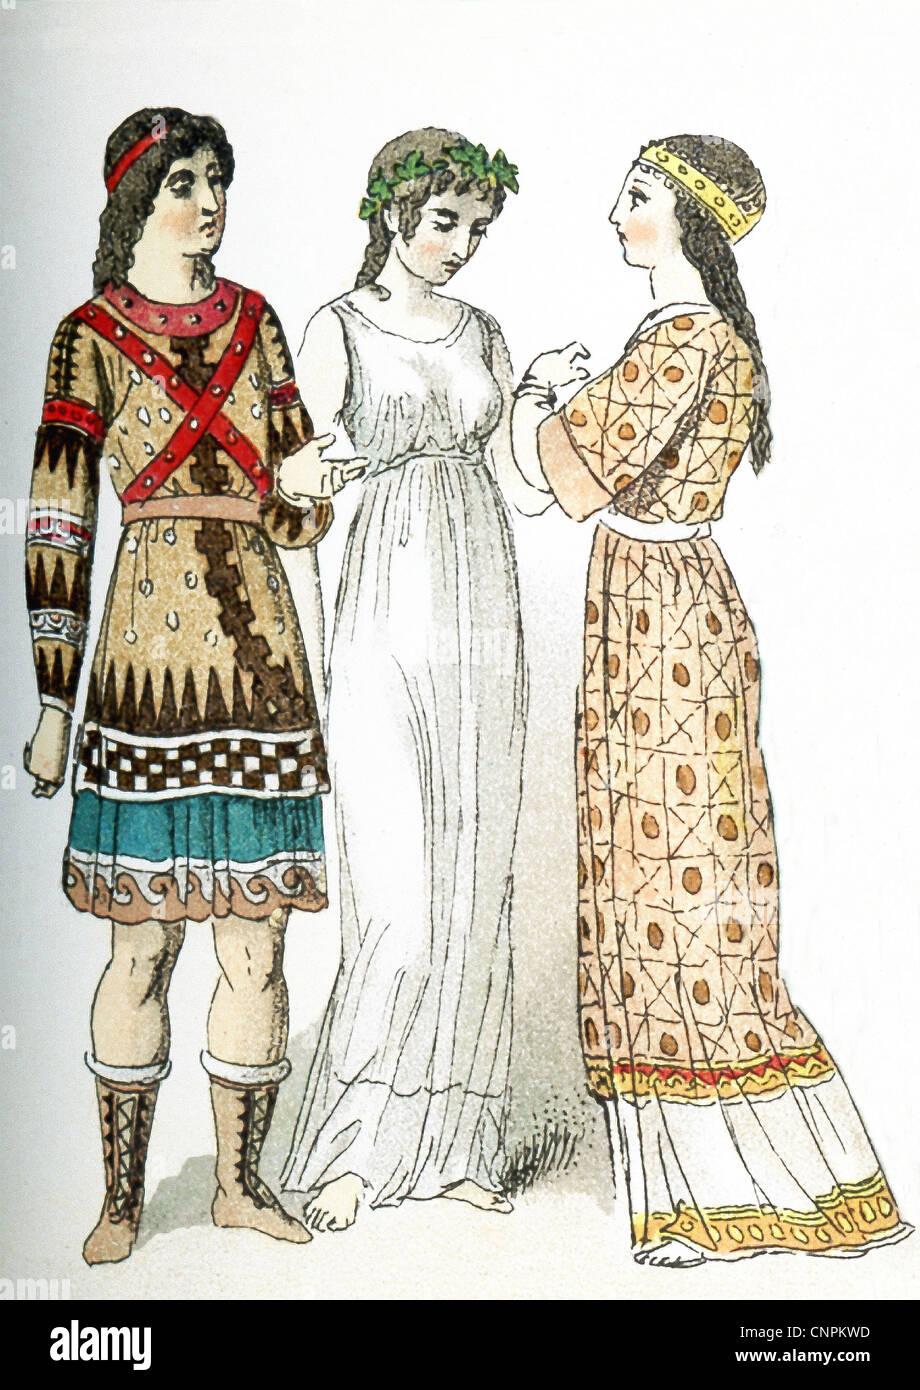 Asia Minor Clothes Stock Photos & Asia Minor Clothes Stock ...